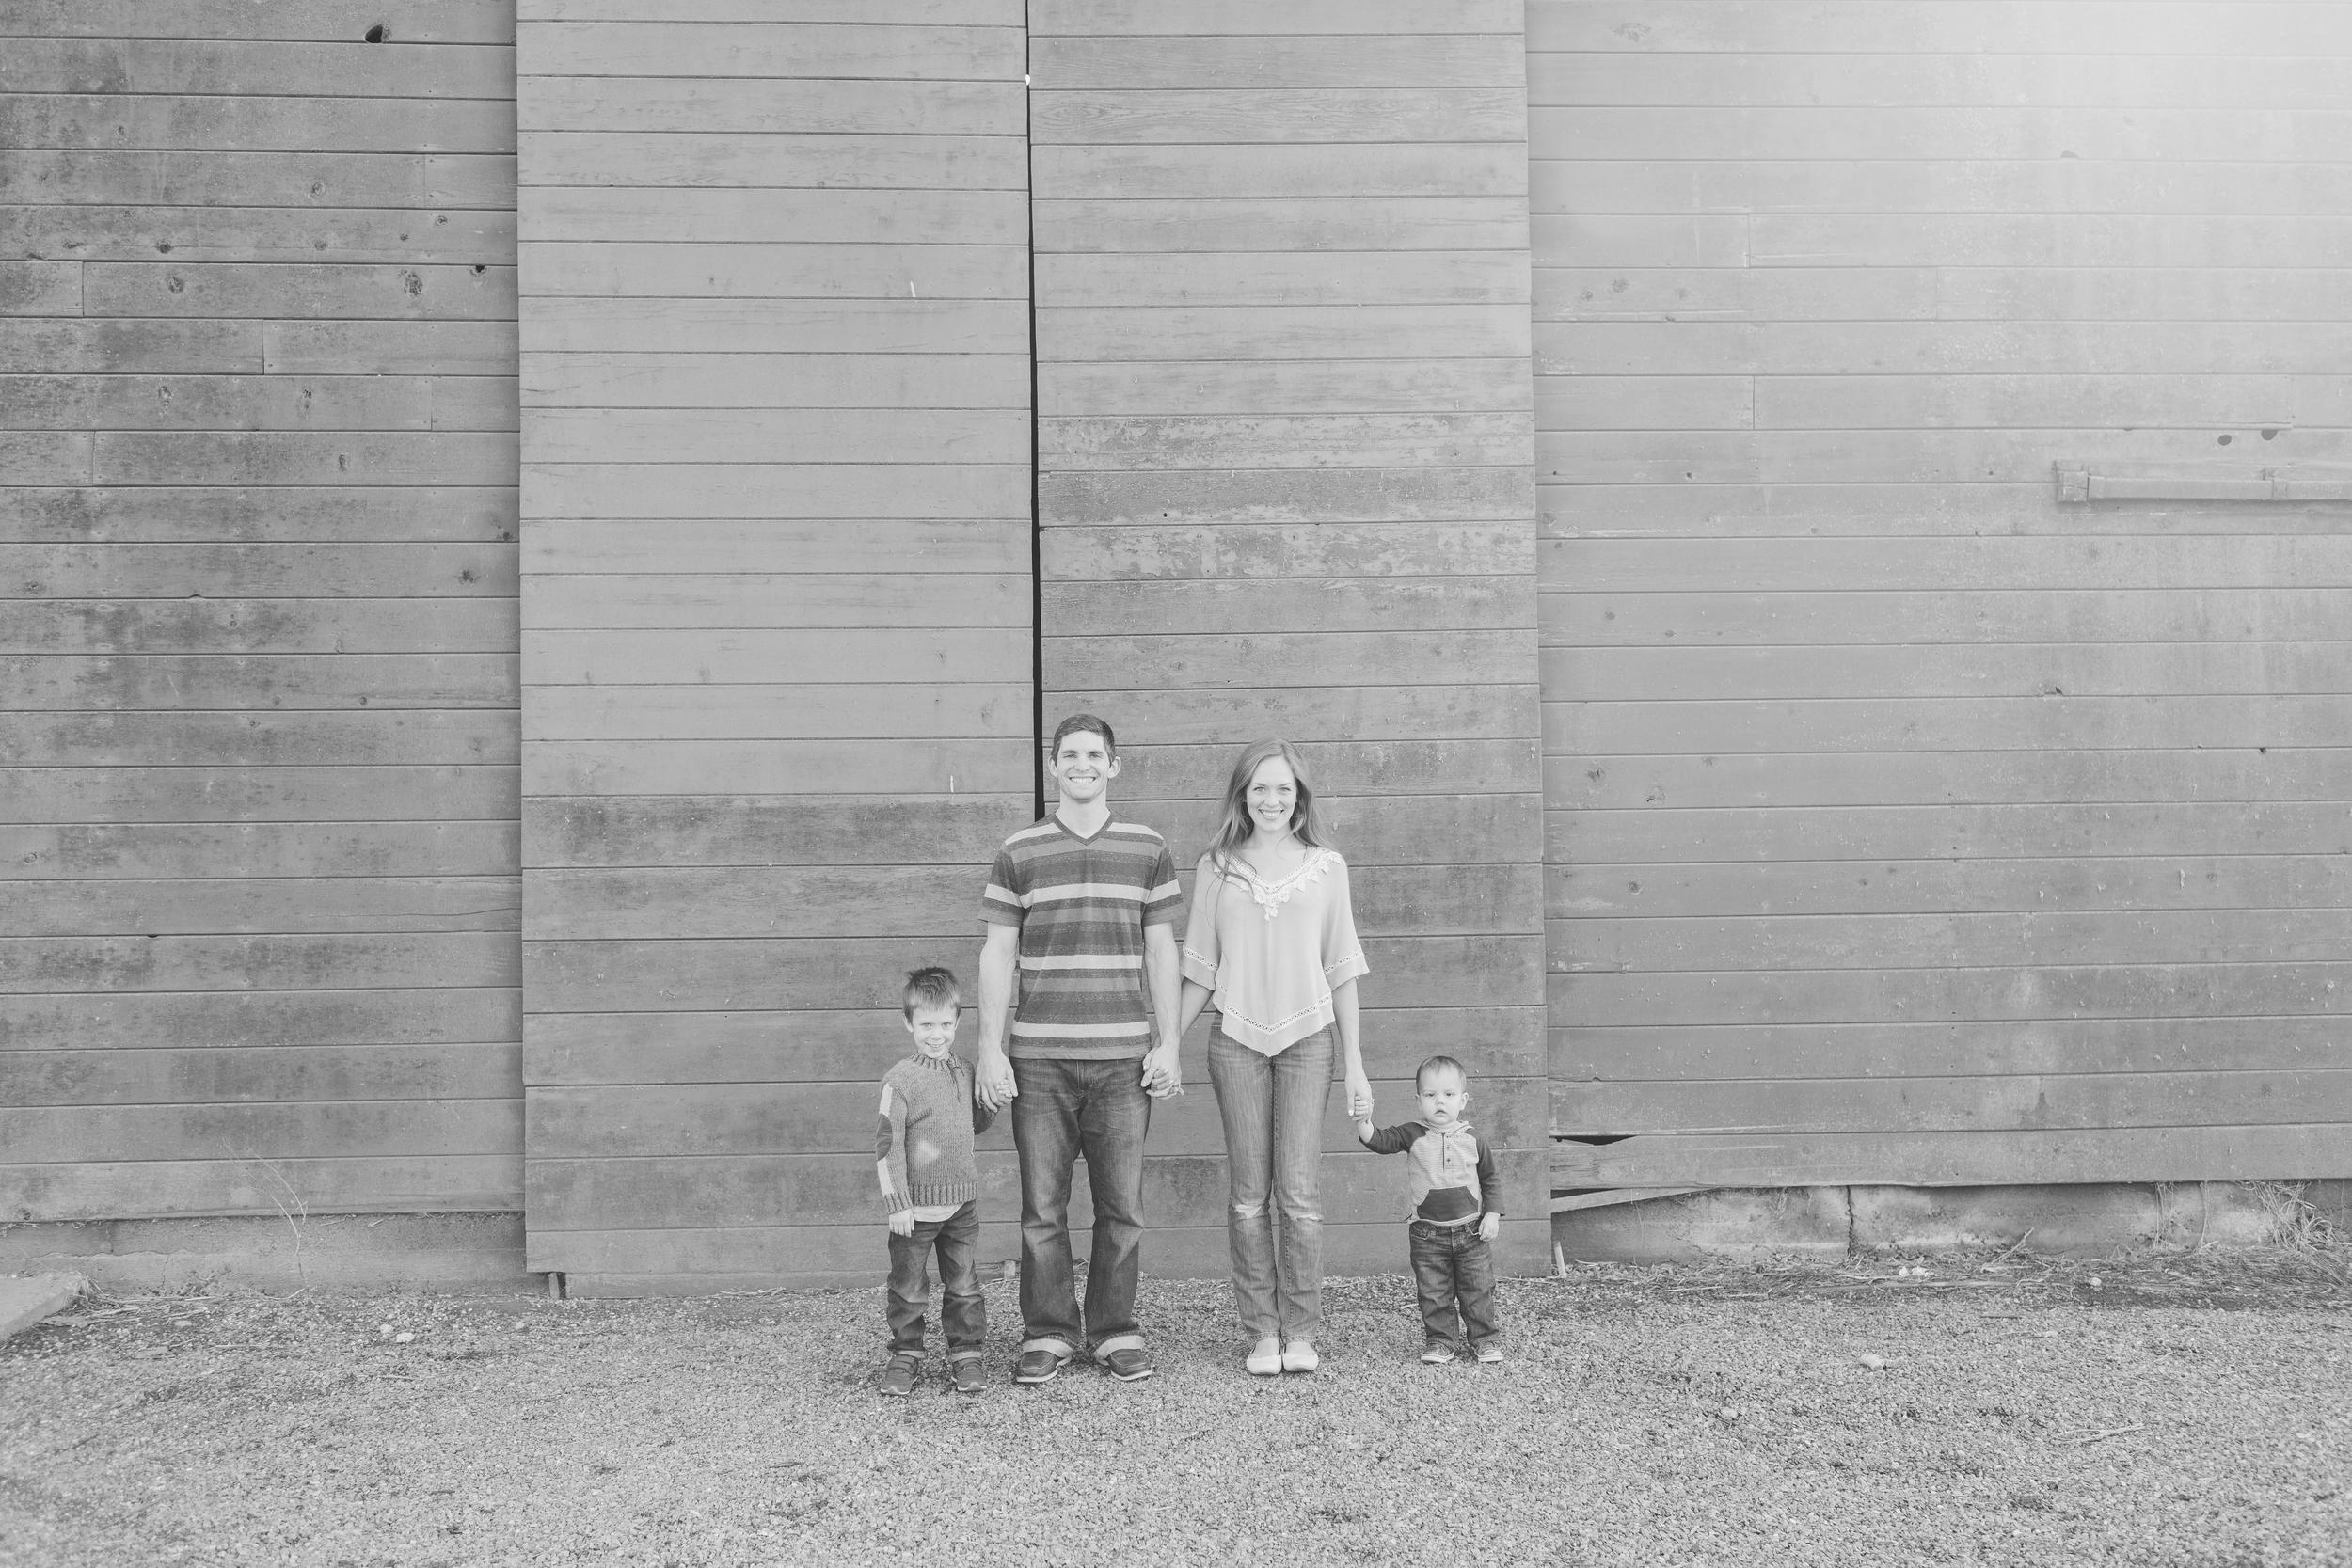 koehlerfamily-69.jpg